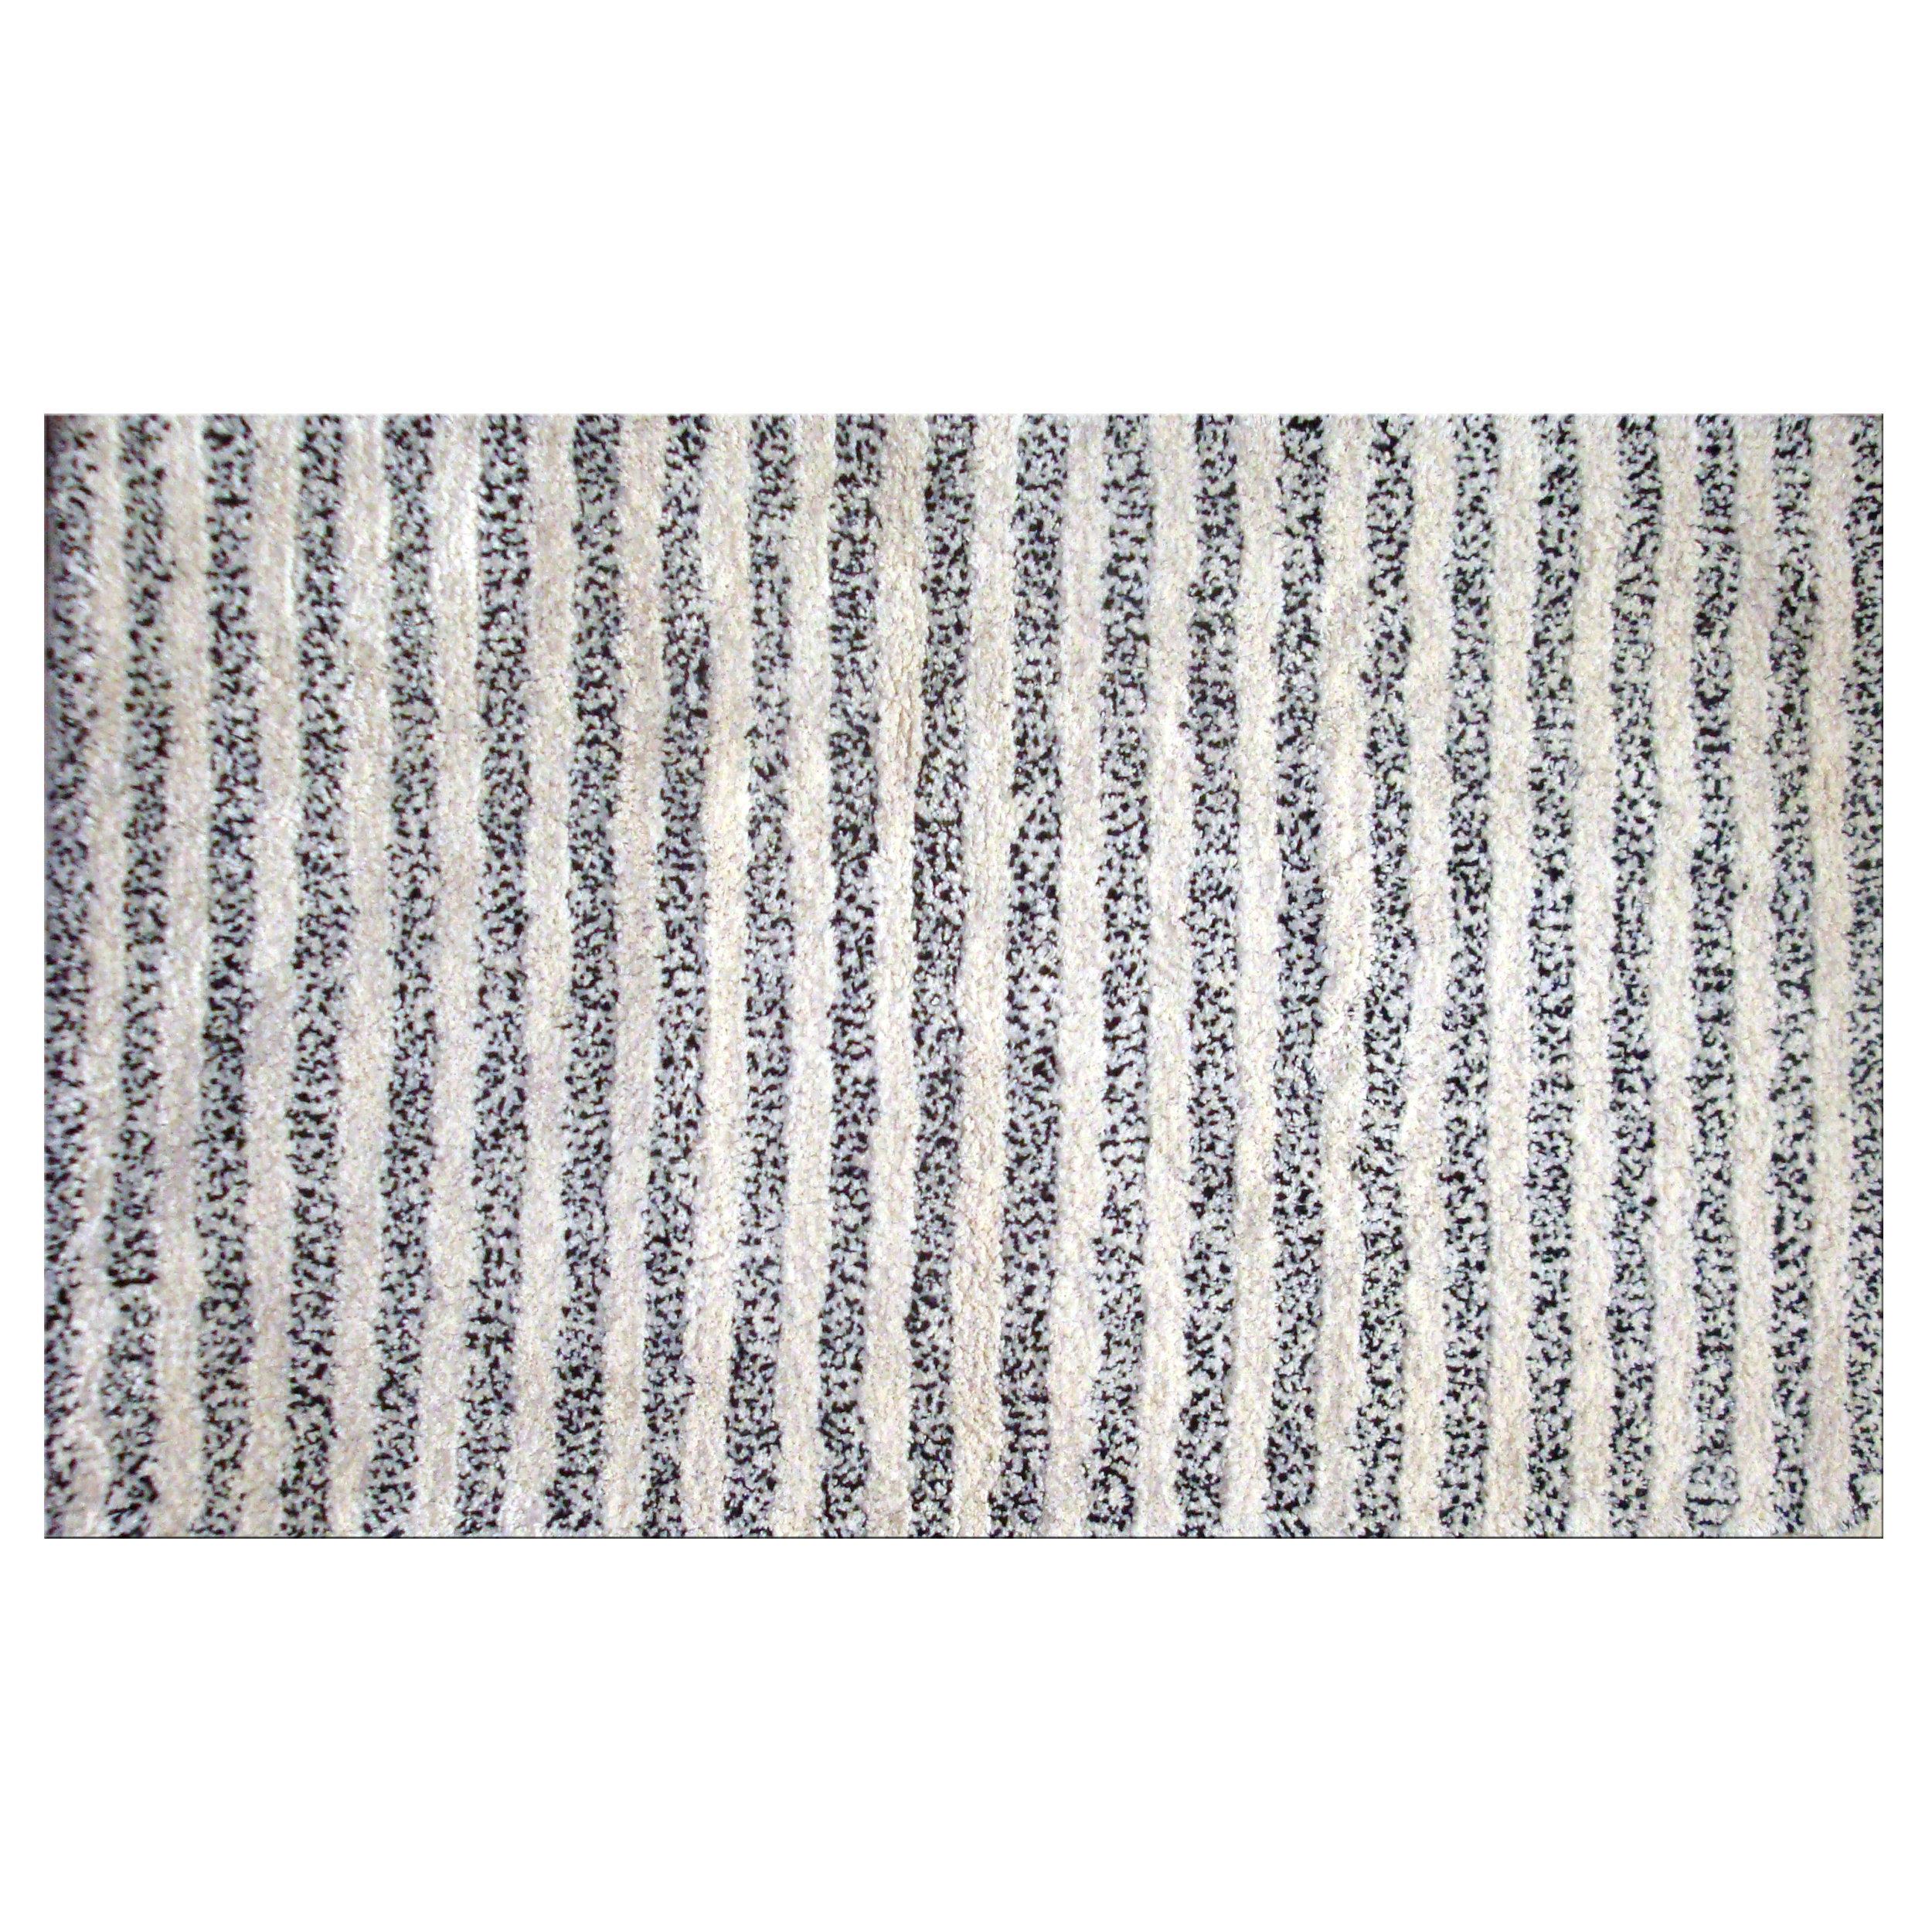 KUURA - kylpyhuoneen matto   50x 80 cm, 100 % Cotton   16,95 €